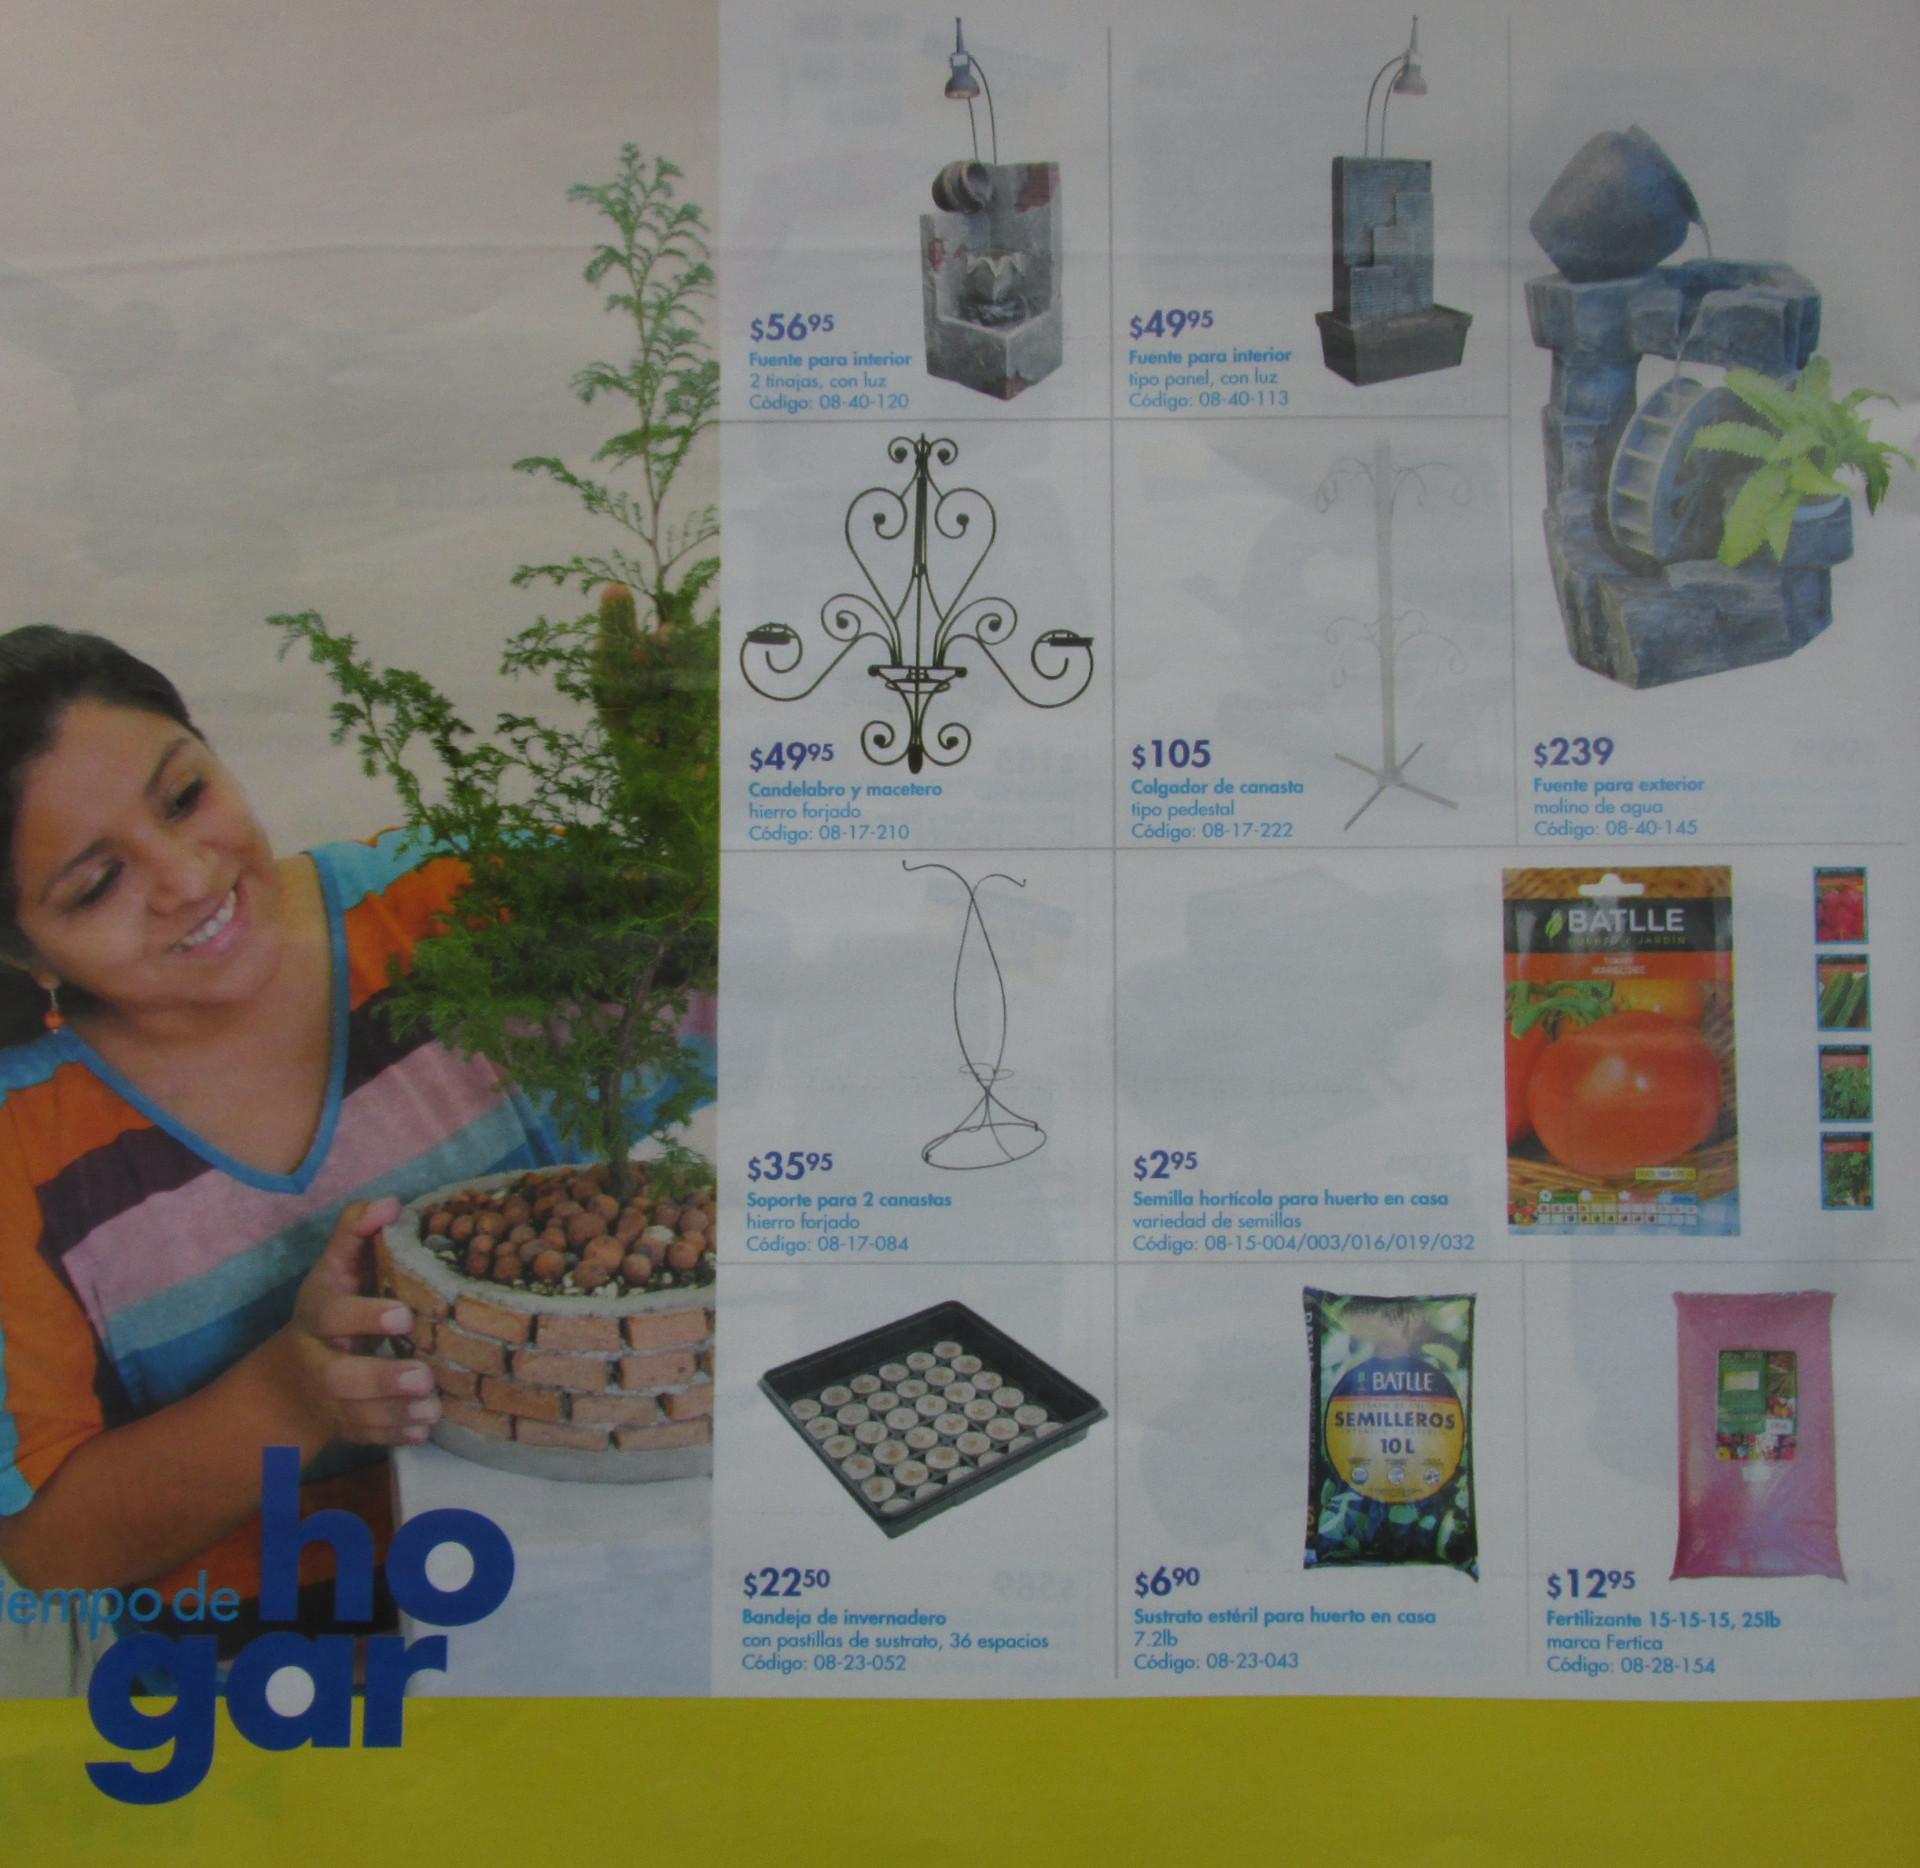 Decoracion jardineria epa el salvador feb 2014 ofertas for Decoracion jardineria